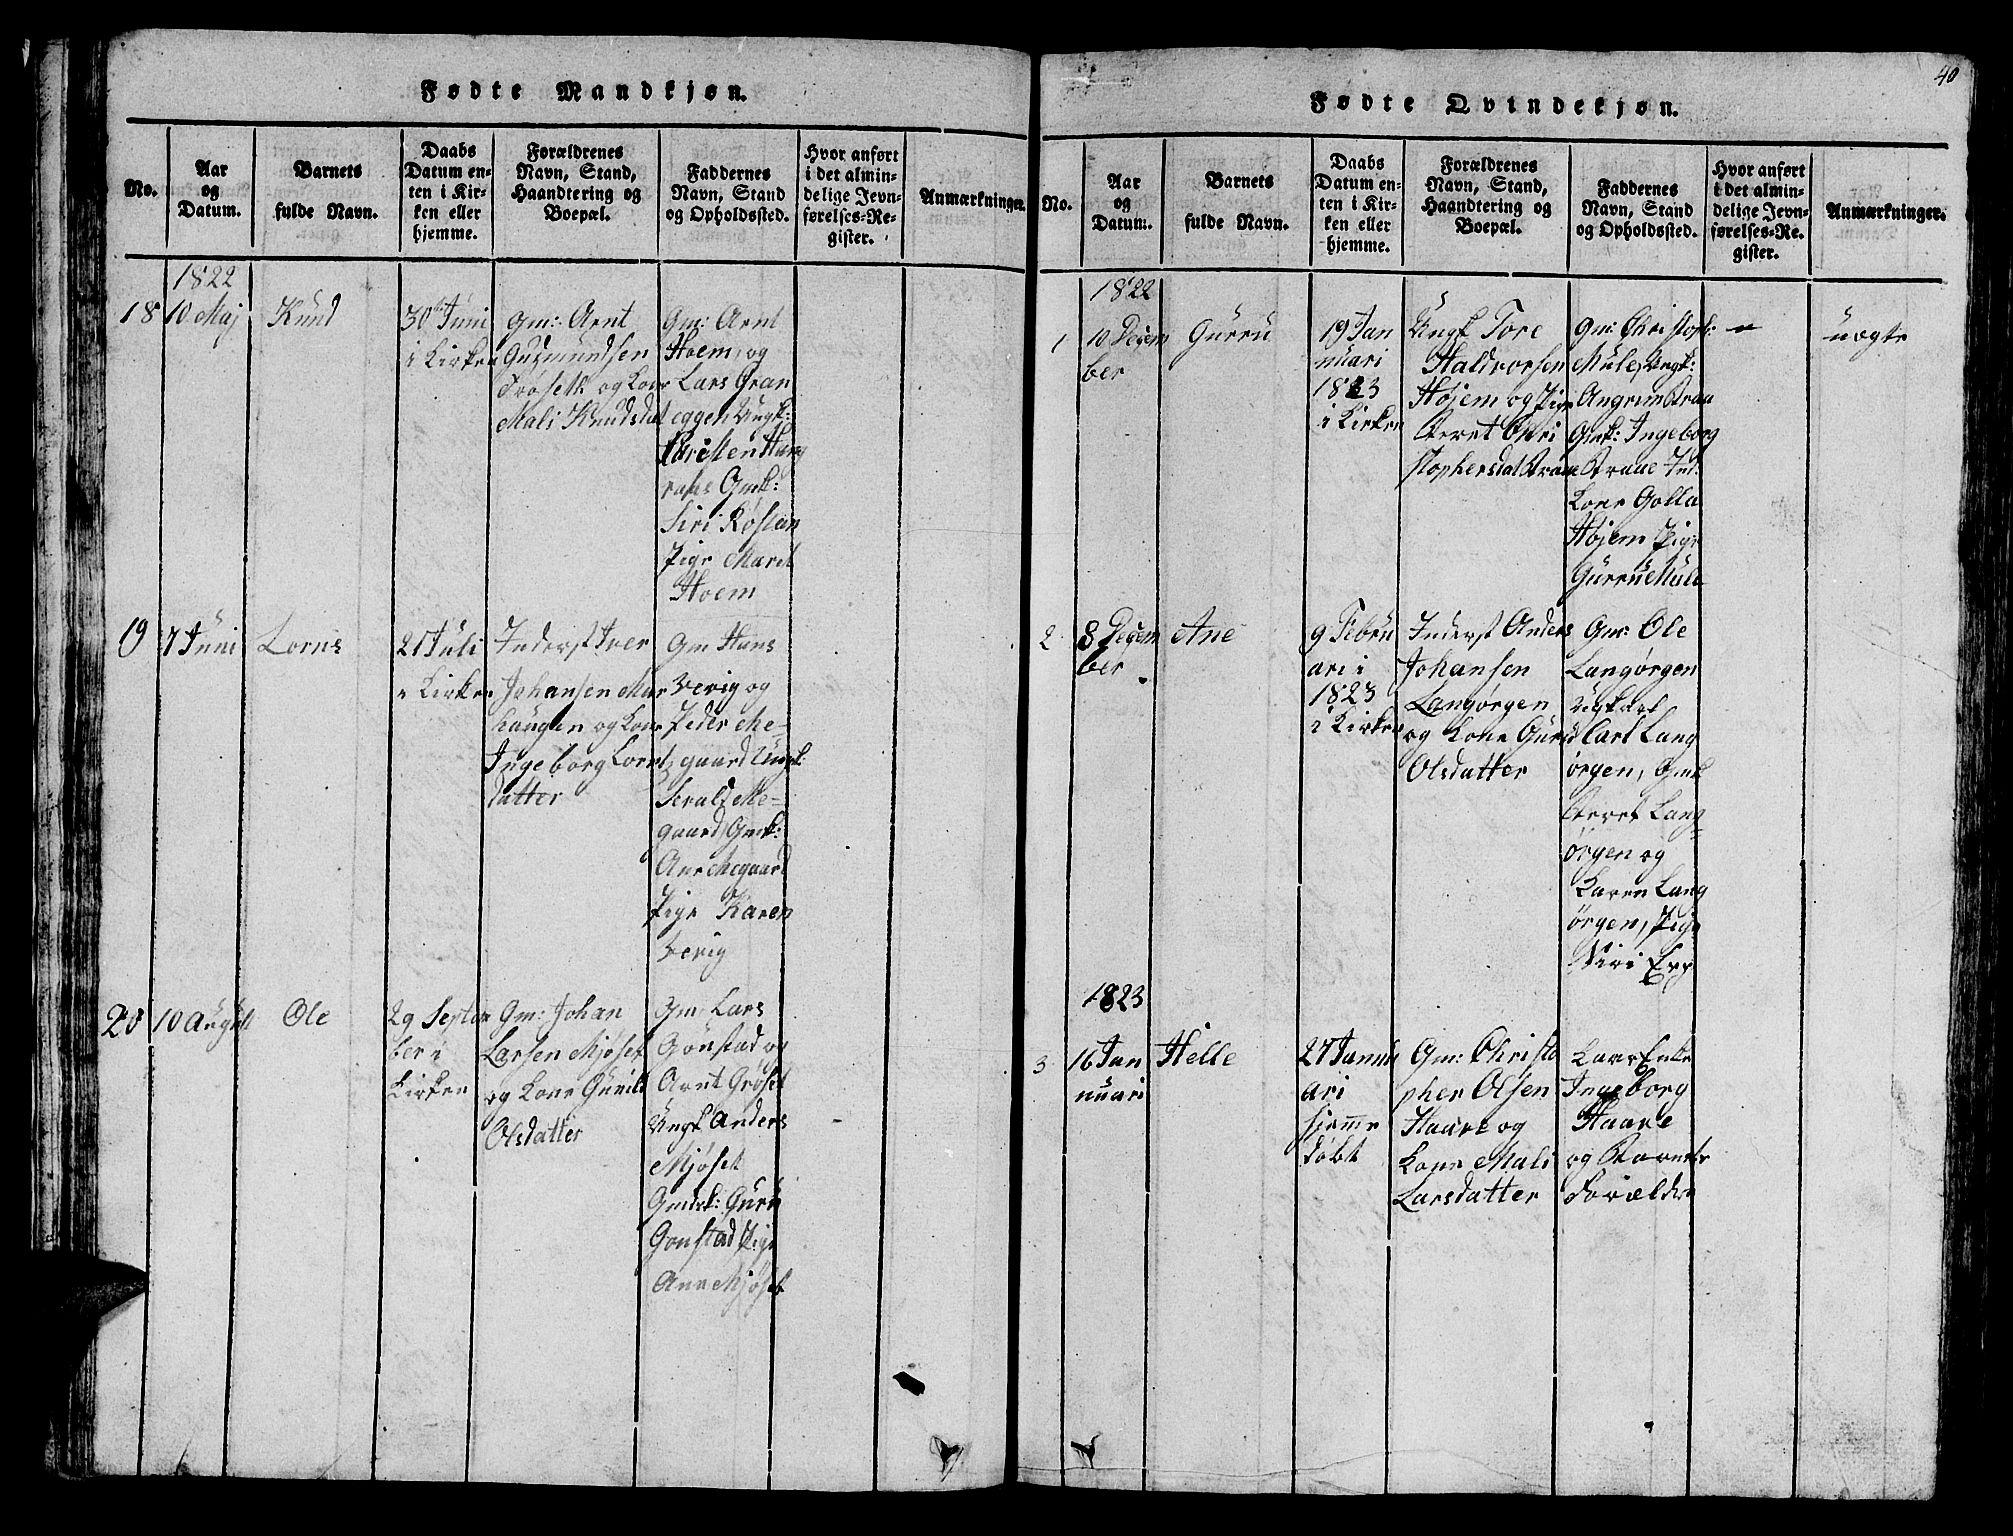 SAT, Ministerialprotokoller, klokkerbøker og fødselsregistre - Sør-Trøndelag, 612/L0385: Klokkerbok nr. 612C01, 1816-1845, s. 40